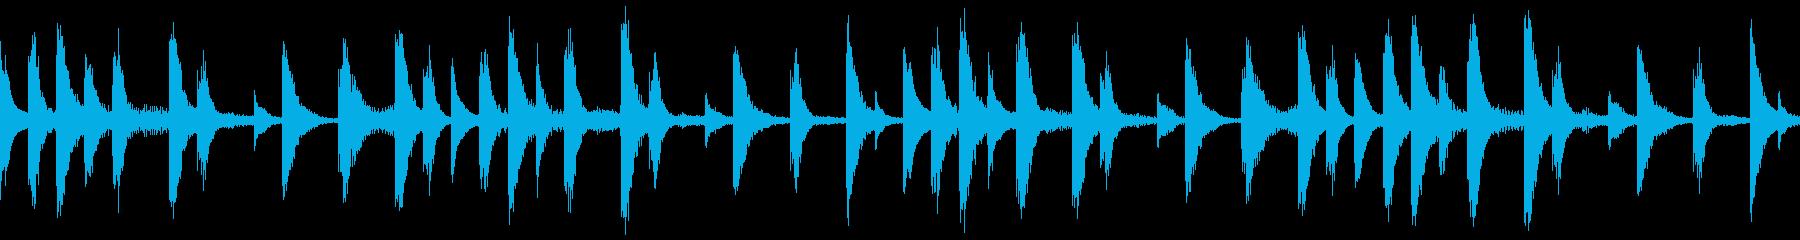 【ループC】浮遊感あるシンセが続くテクノの再生済みの波形